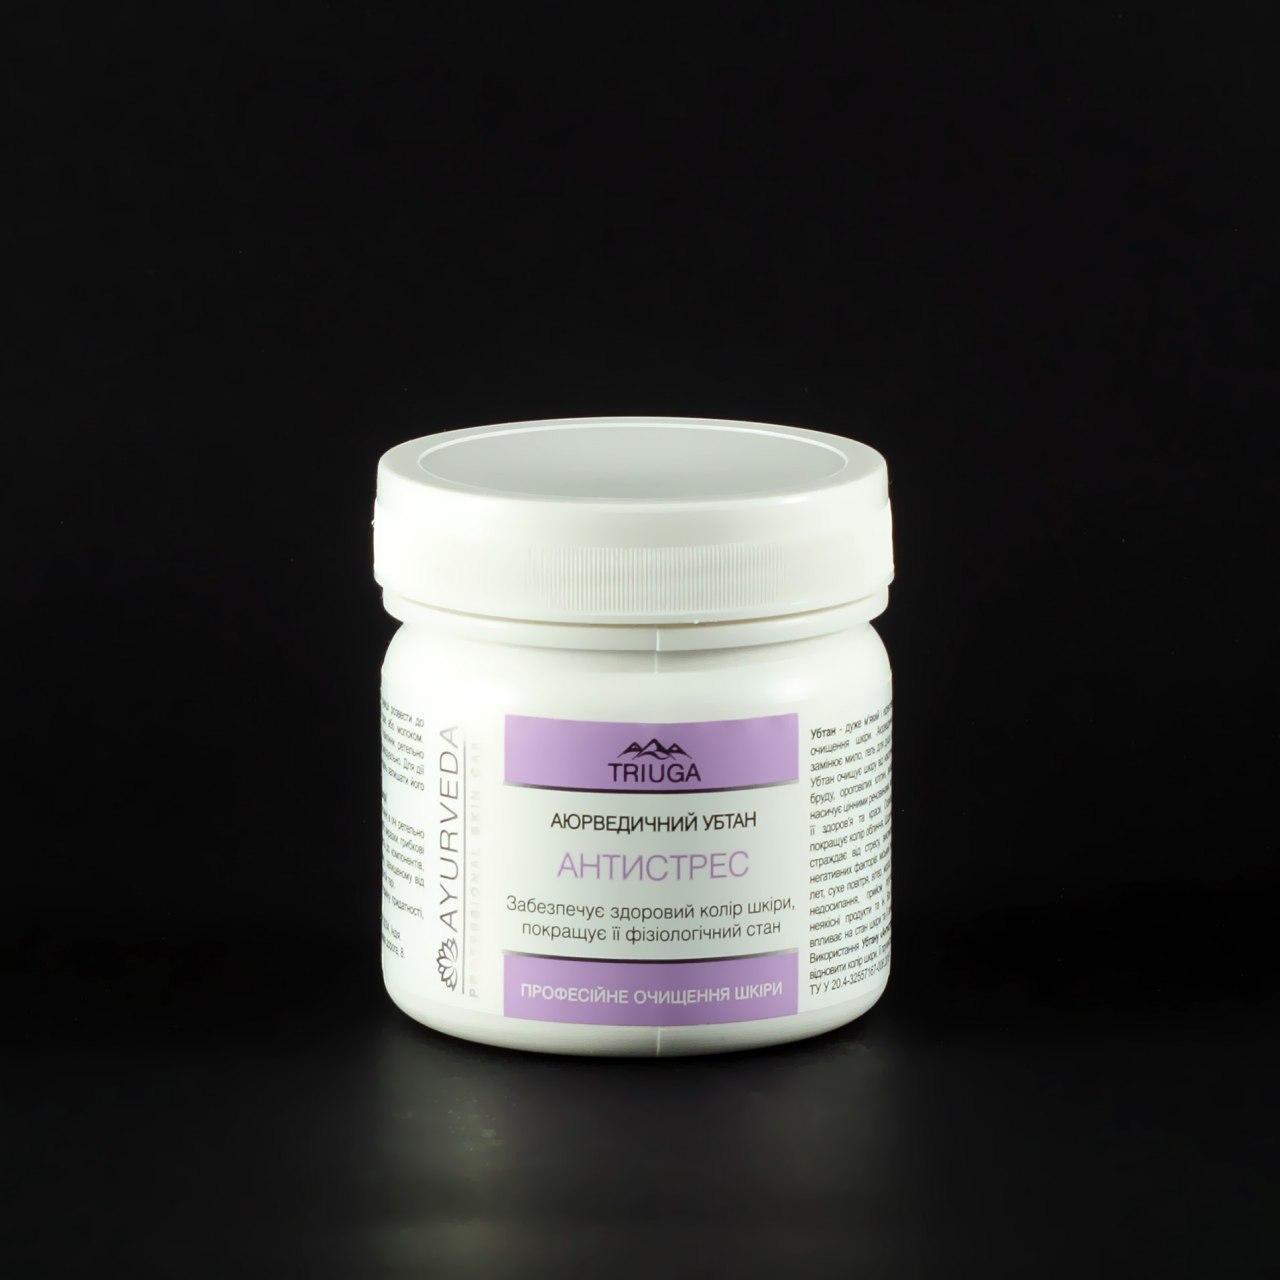 Убтан Антистресс от Триюга - очищает кожу, устраняет ороговевшие клетки, выводит токсины, 90 г